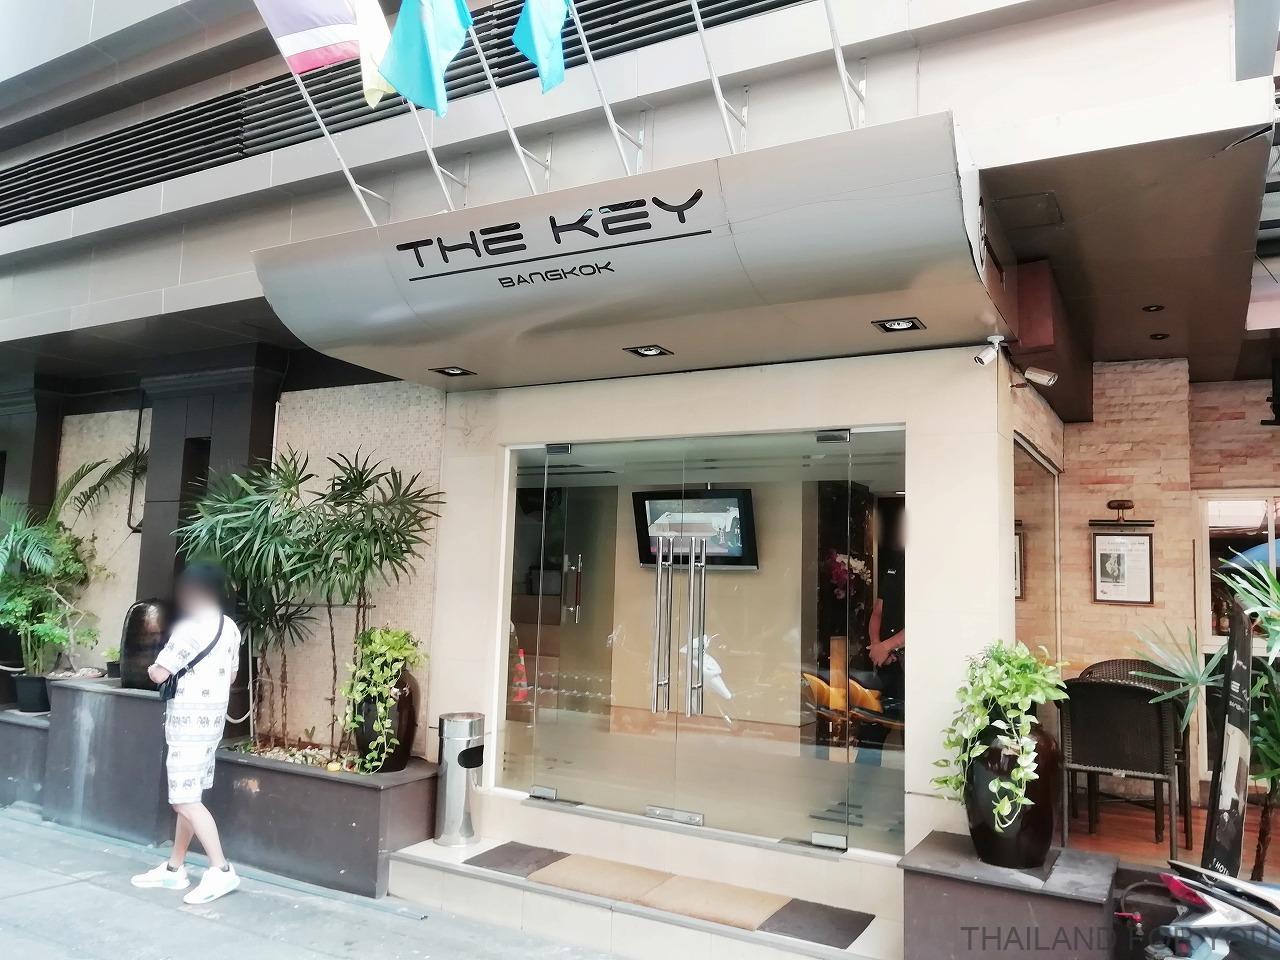 ザ・キー・バンコクホテル レビュー 写真